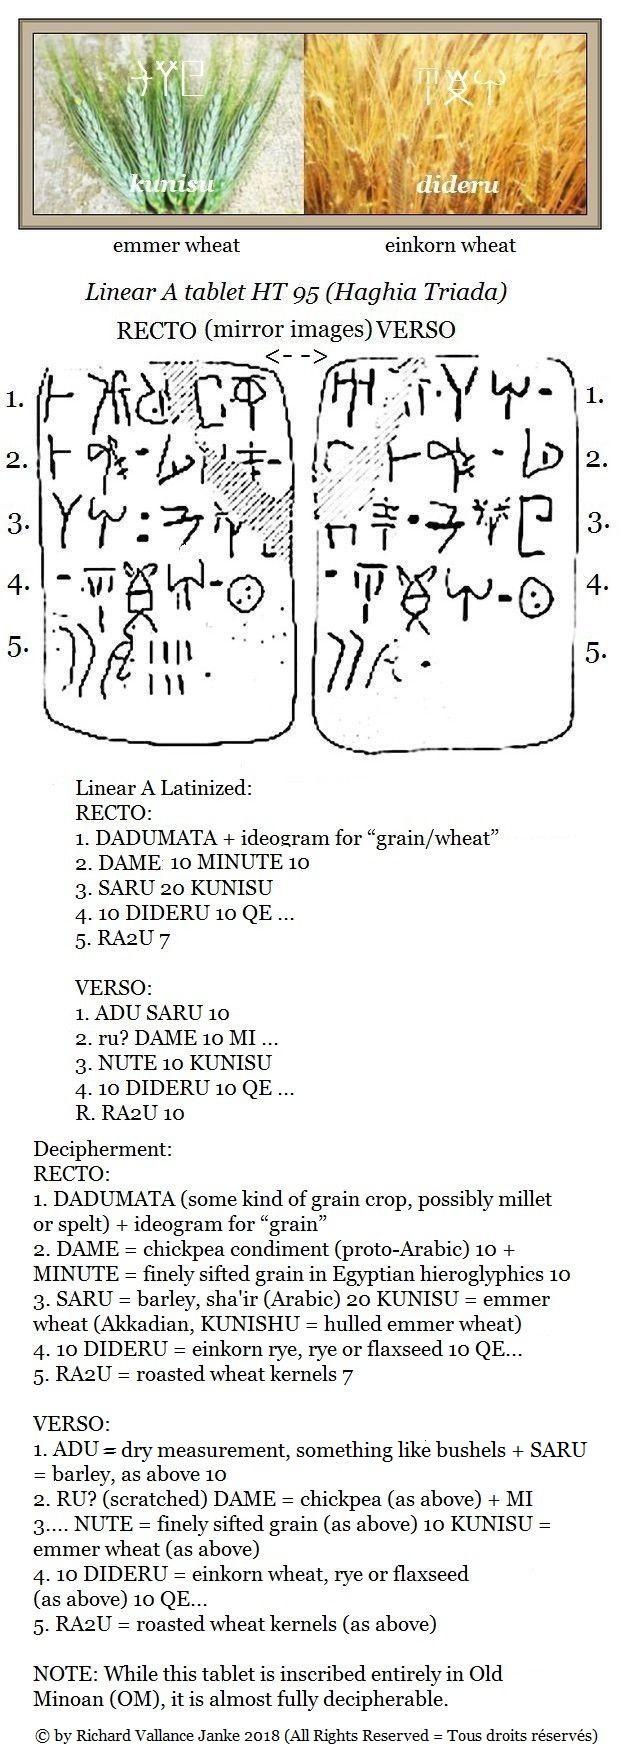 ht-95-dadumata-dame-minute-saru-kunisu-dideru